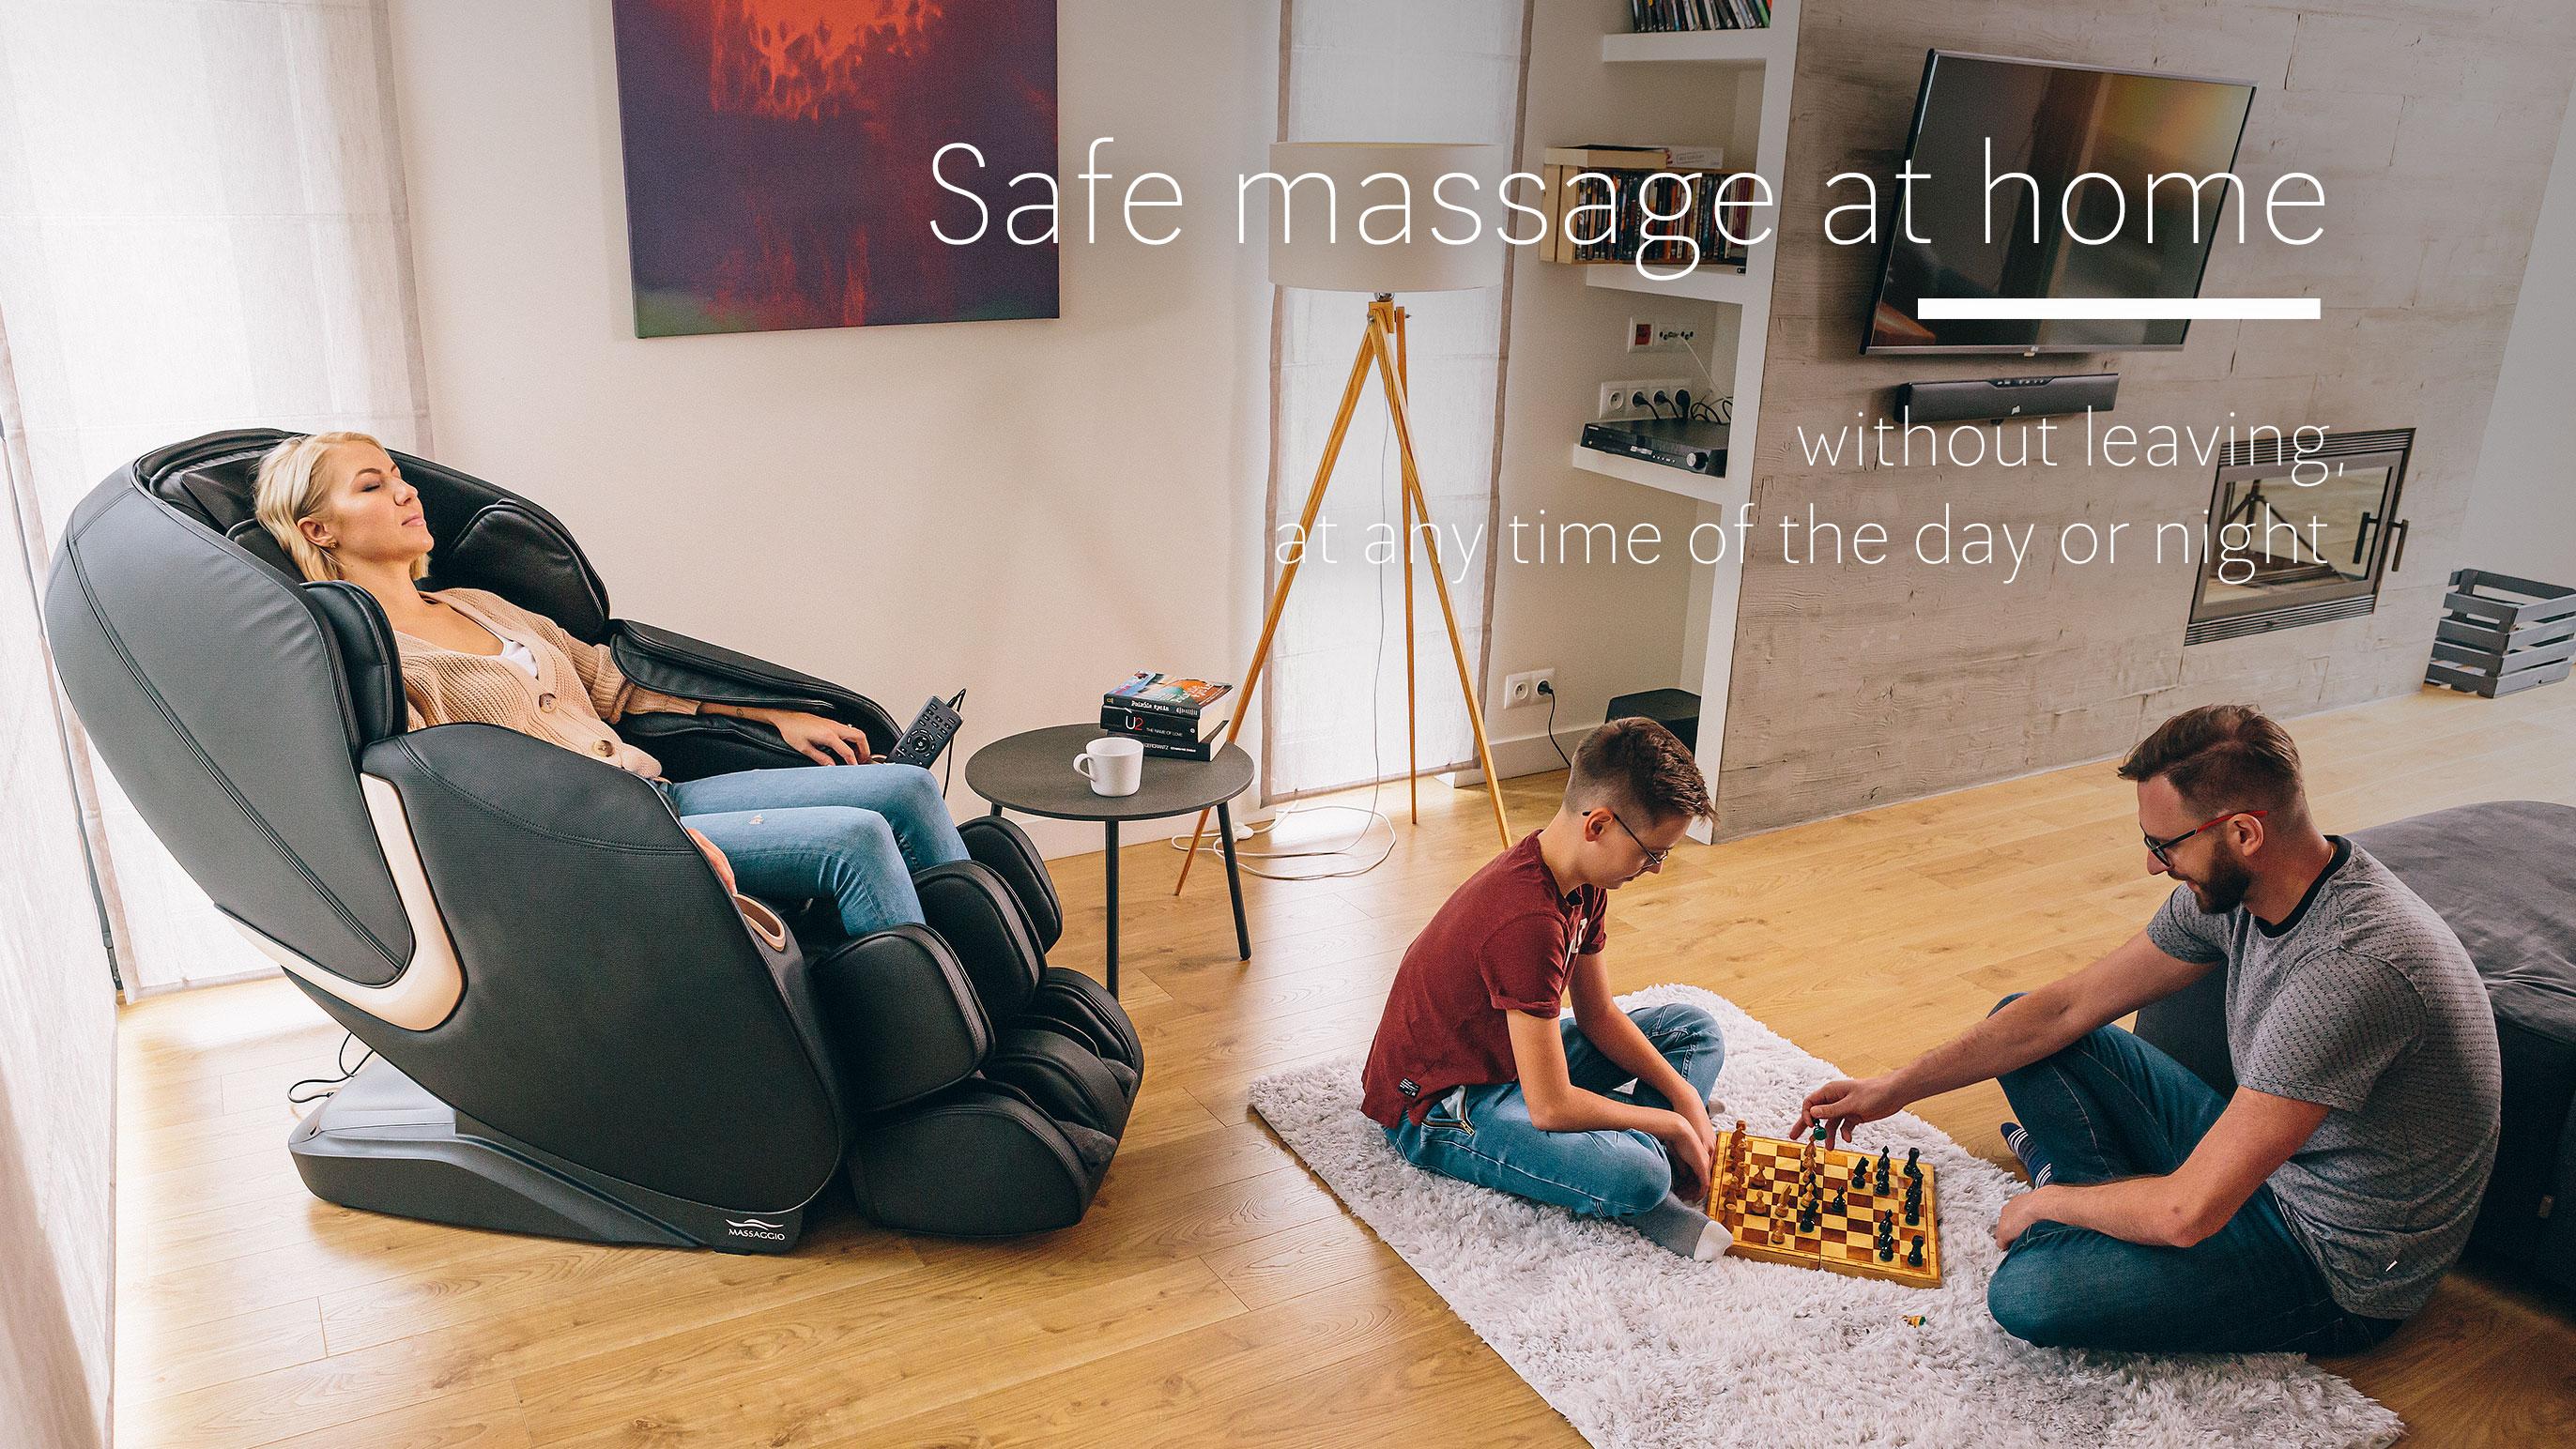 Safe massage at home